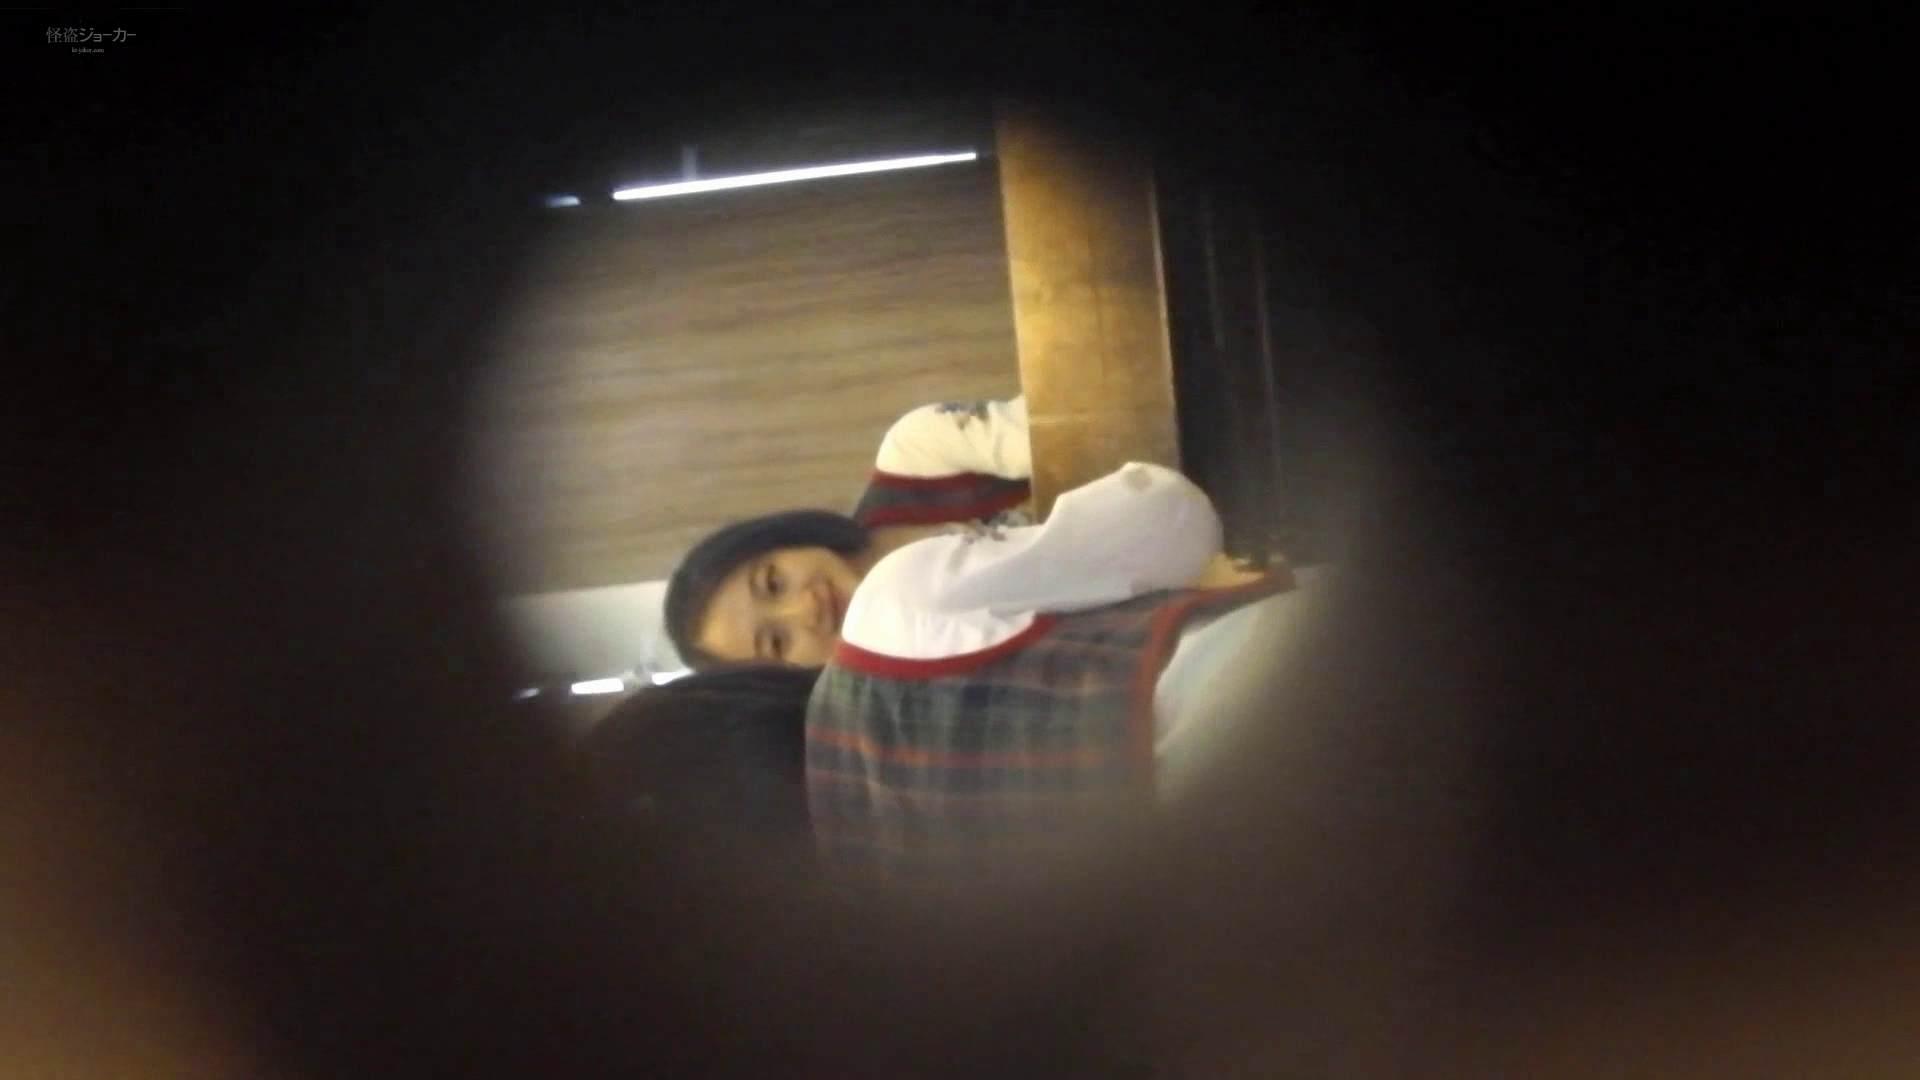 和式洋式七変化 Vol.28 綺麗に撮れました。(ー_ー)!! 洗面所 盗撮エロ画像 105pic 59